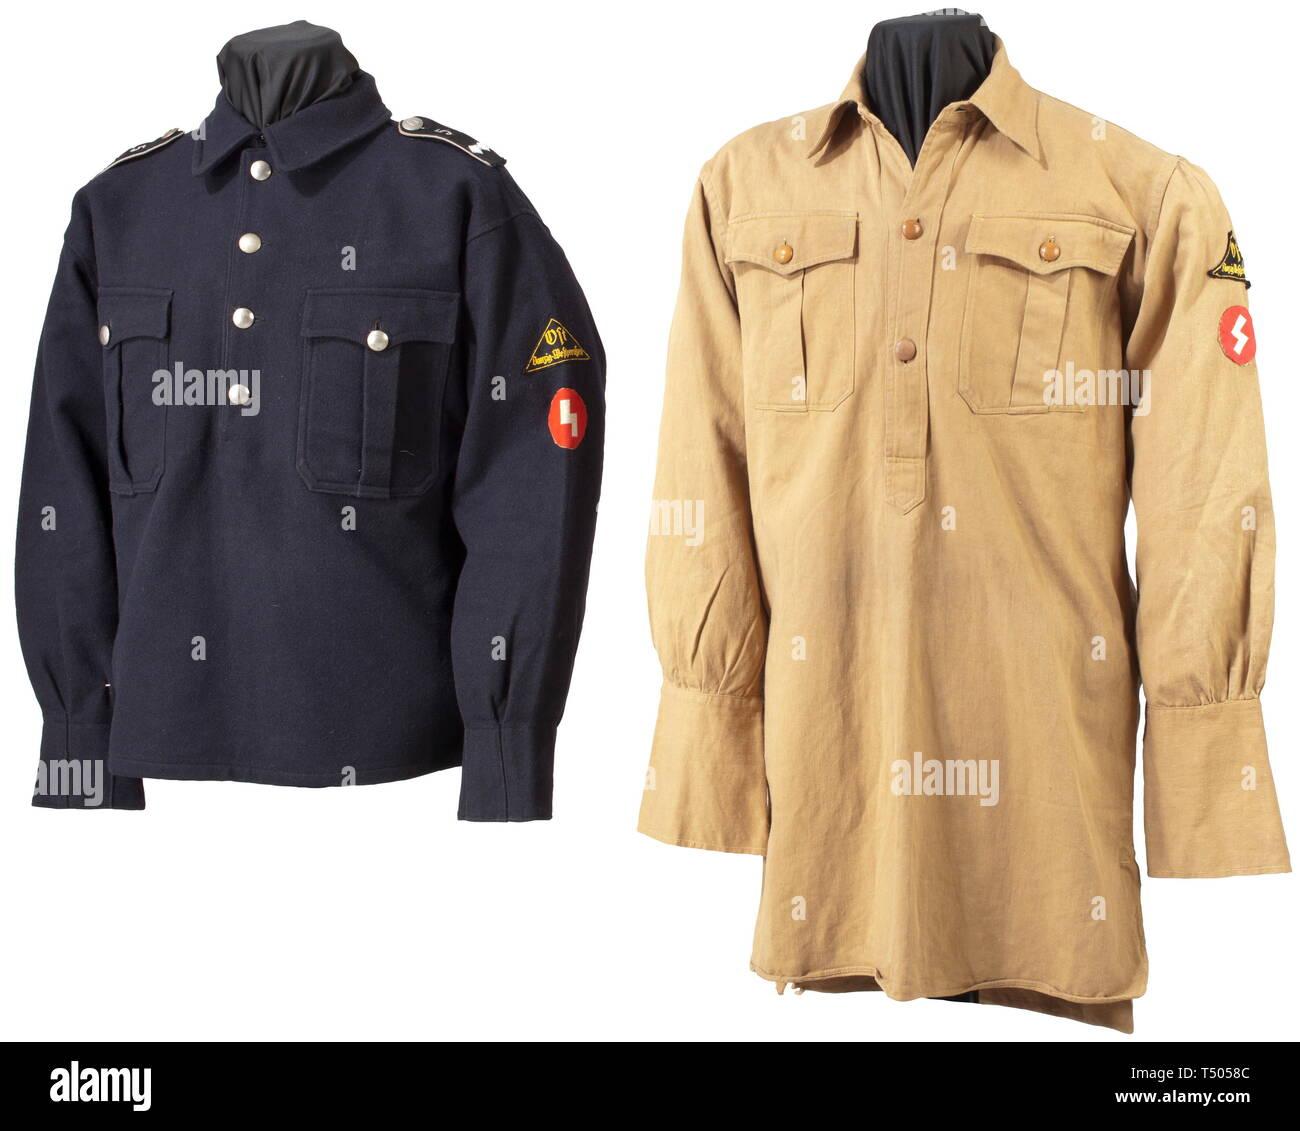 Une Patrouille Dj Et Chemisier Shirt Danzig Westpreussen Le Corsage De Drap Bleu Fonce Avec Des